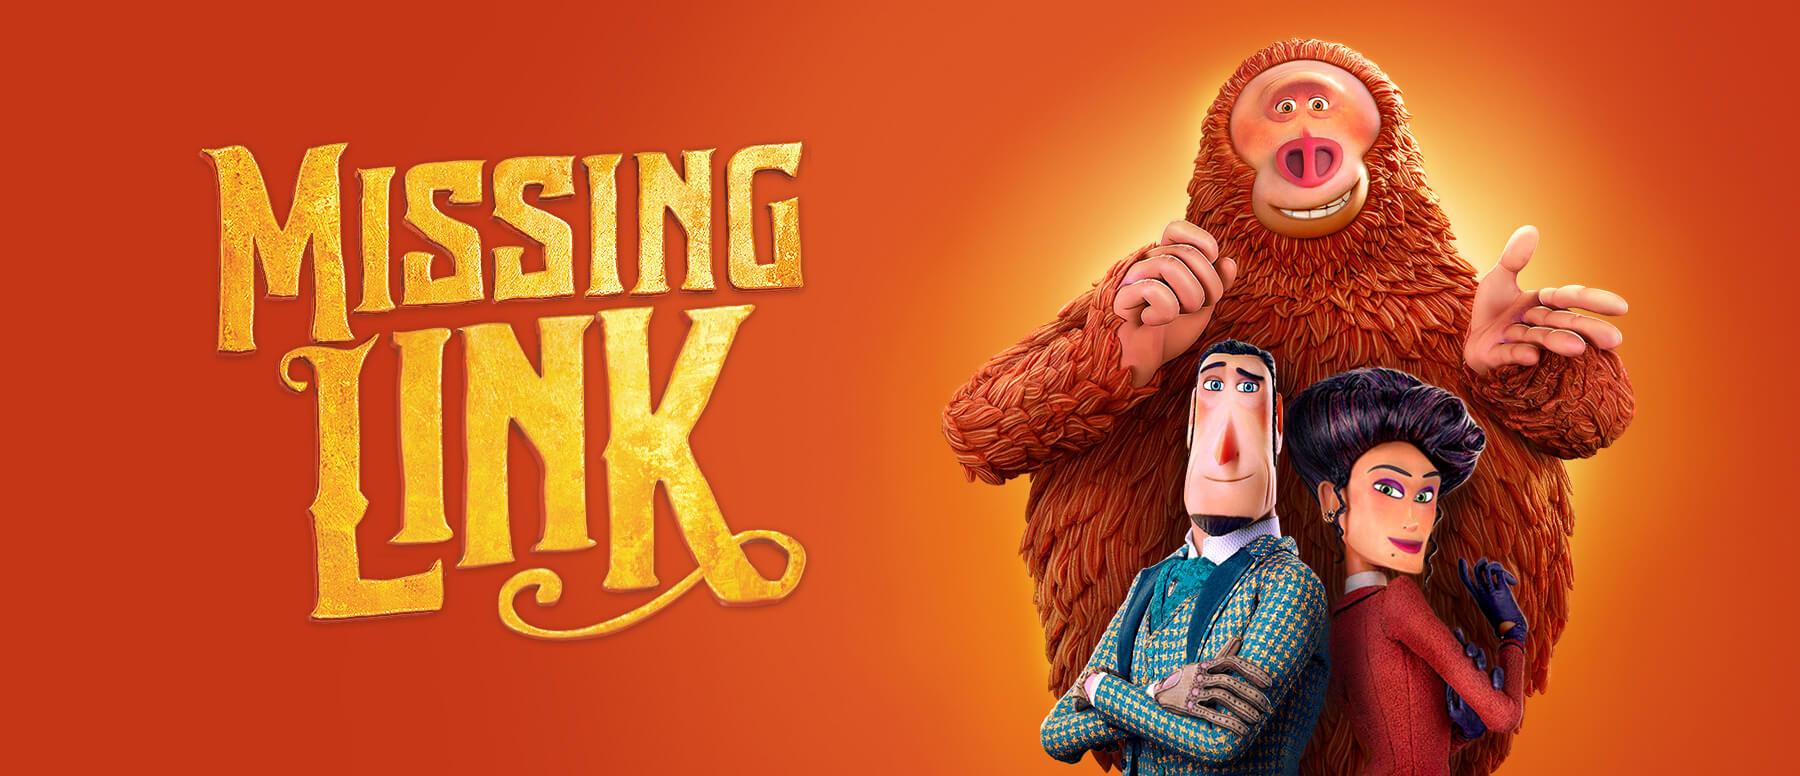 لینک گمشده Missing Link انیمیشنی خوش ساخت و جذاب اما با کمال تعجب کم فروش